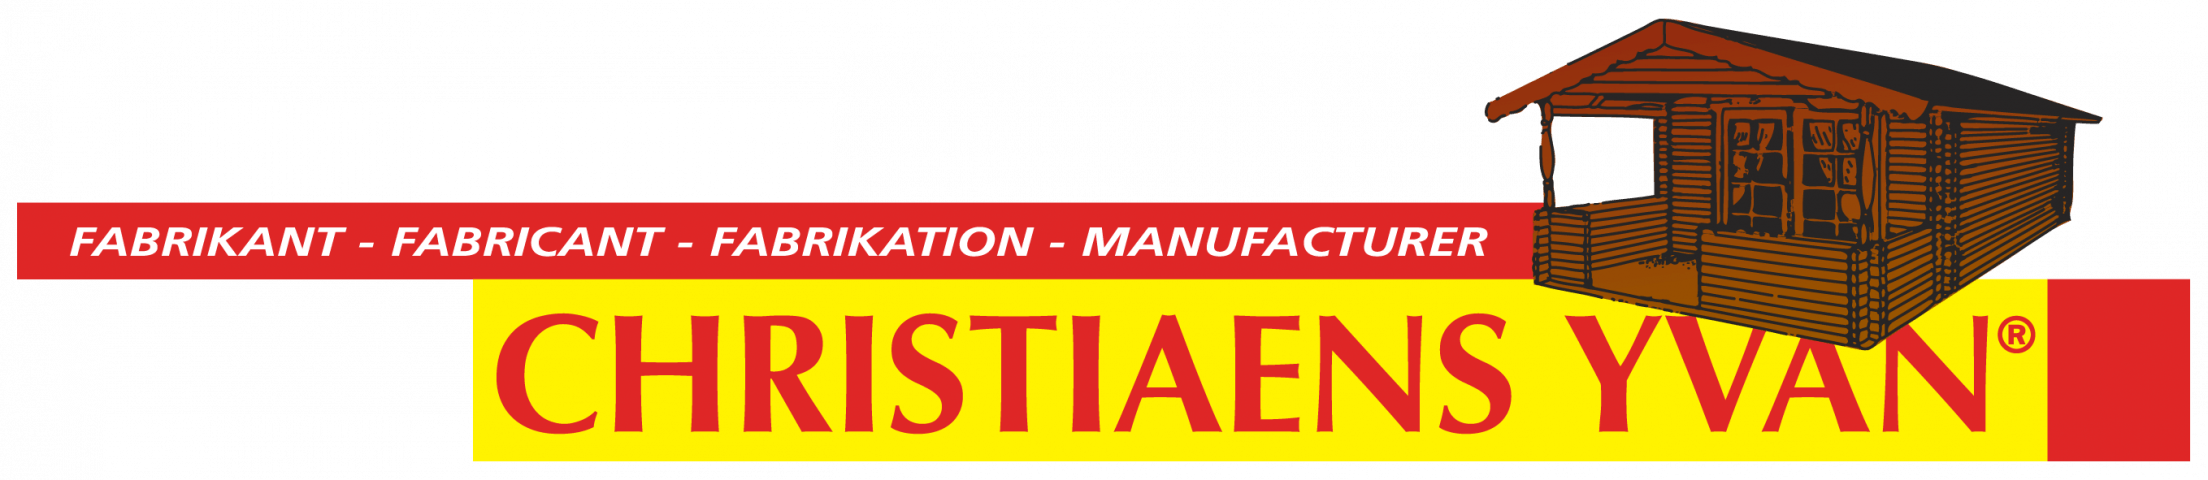 logo_christiaens-yvan uitgespaard